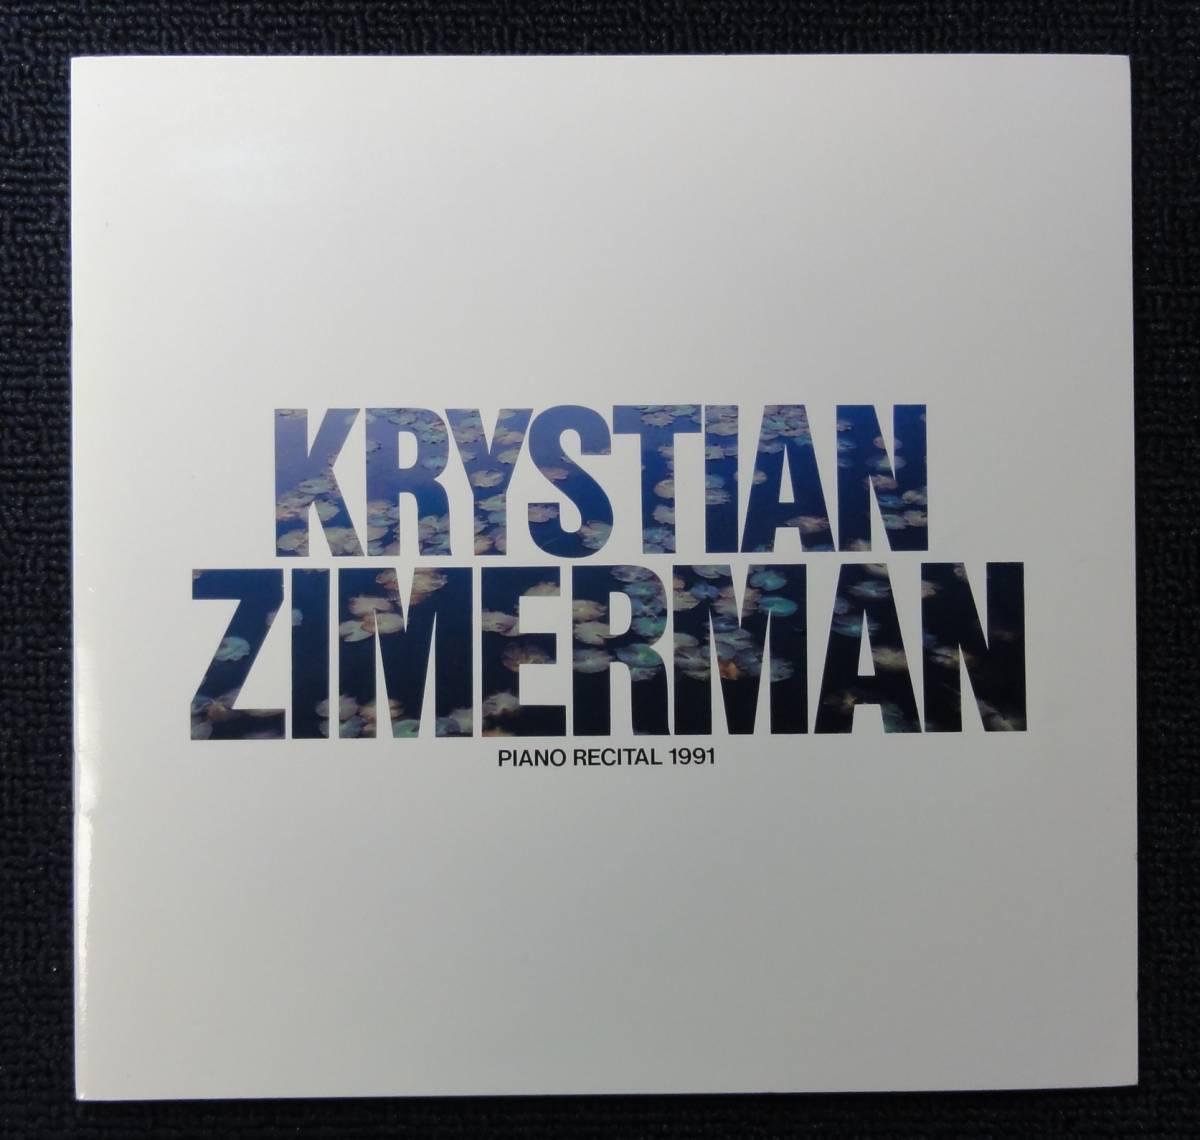 クリスチャン・ツィメルマン【1991年】日本公演プログラム